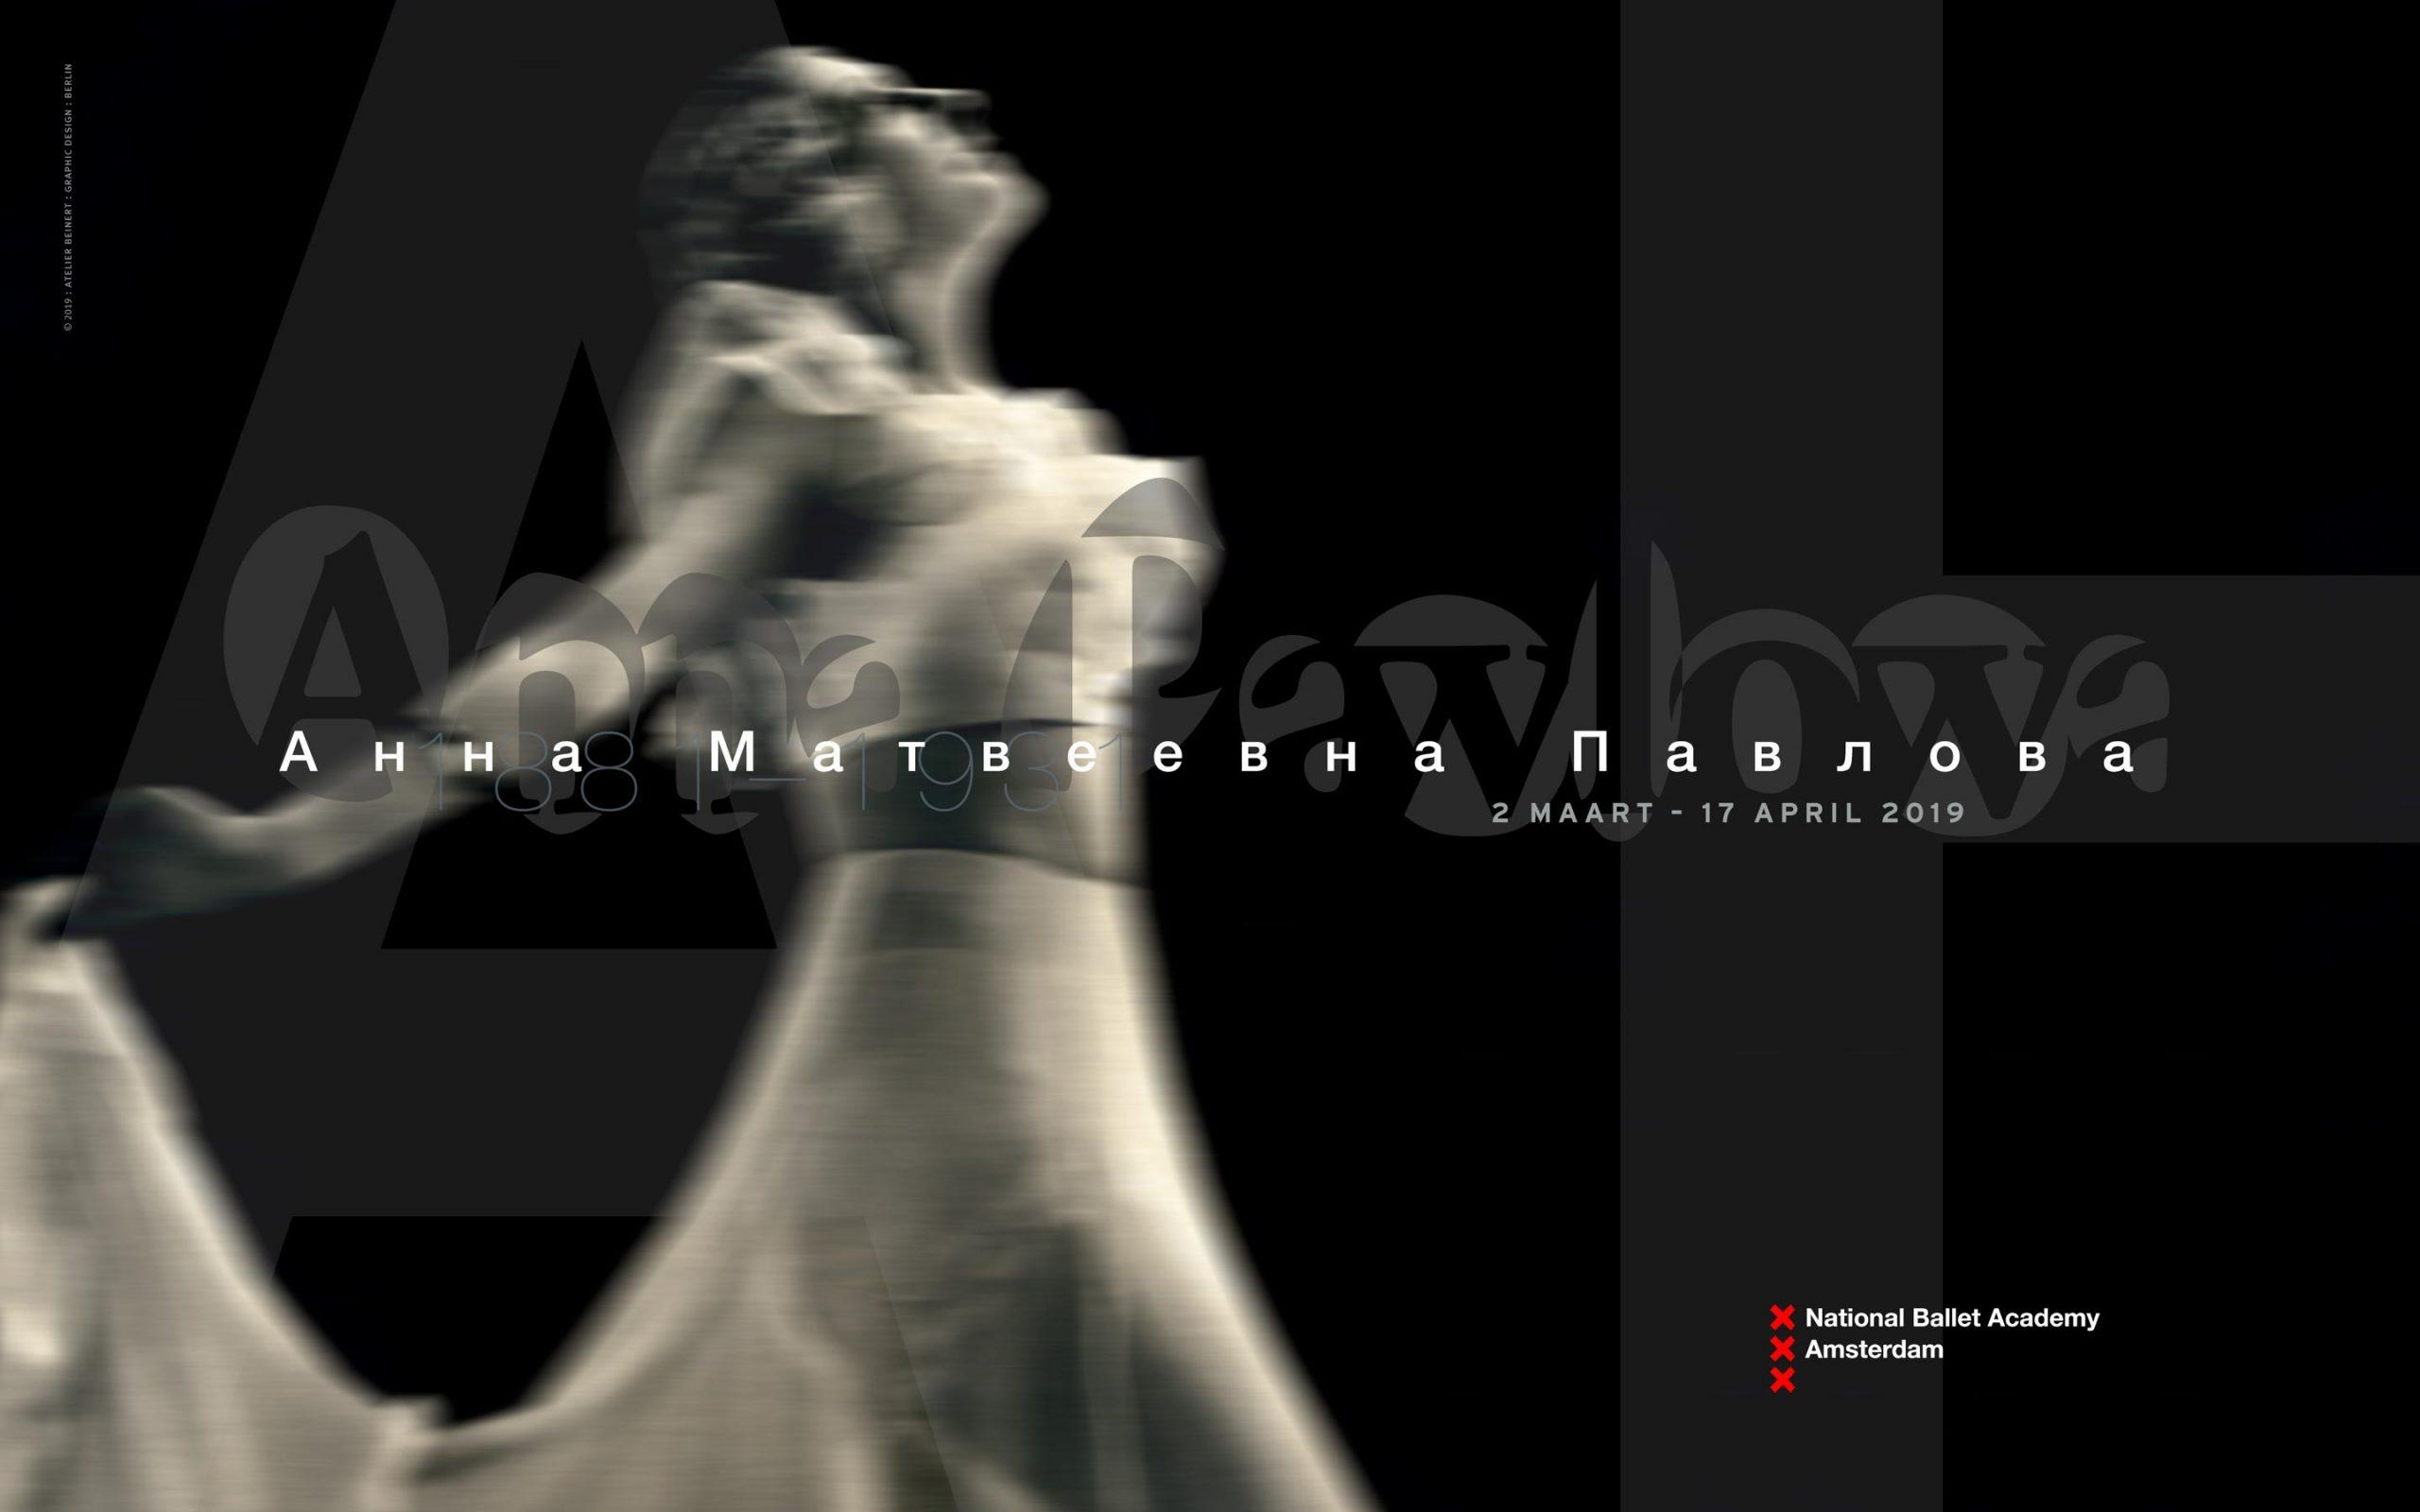 Gestaltung eines Plakats für die »National Ballet Akademy« in Amsterdam. Design: Wolfgang Beinert, Berlin.